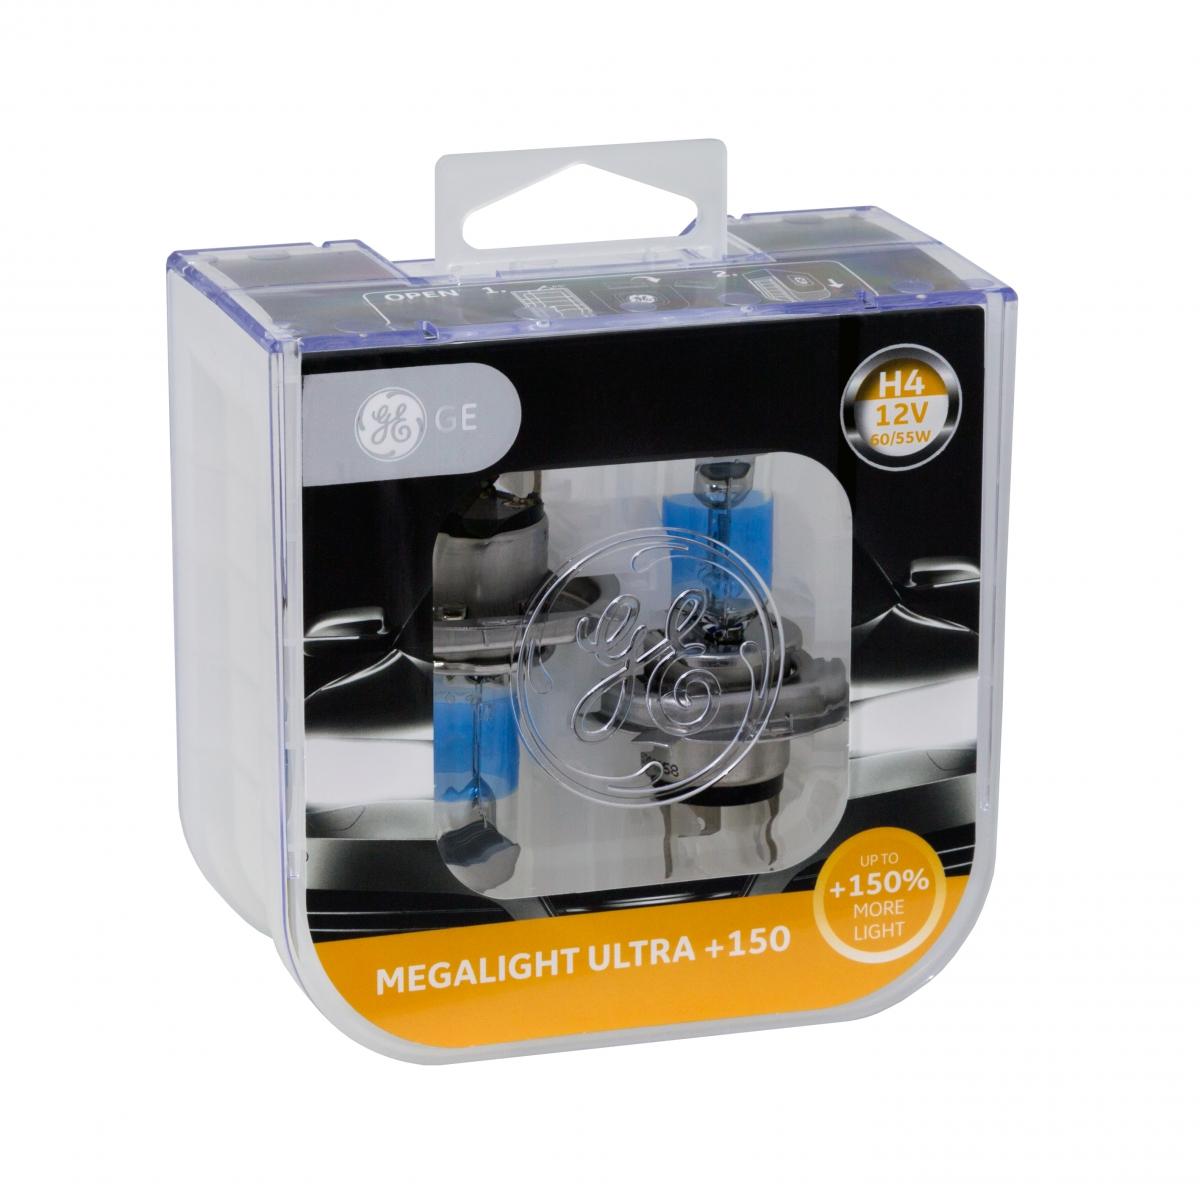 Halogen Headlight Upgrade Bulbs – Megalight Ultra +150